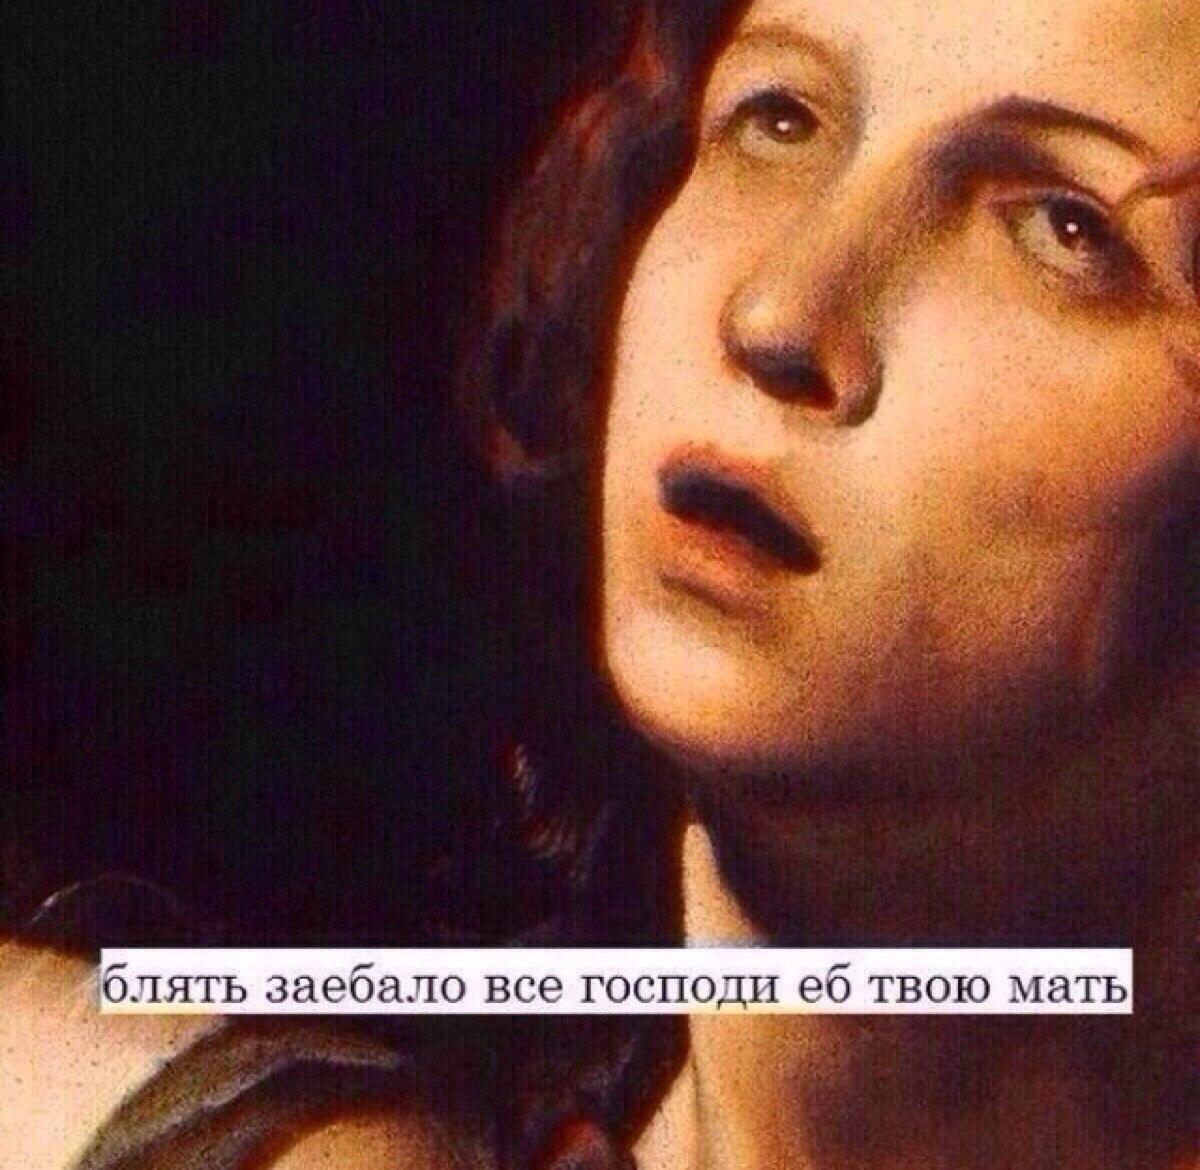 Русская блять алиса 1 фотография